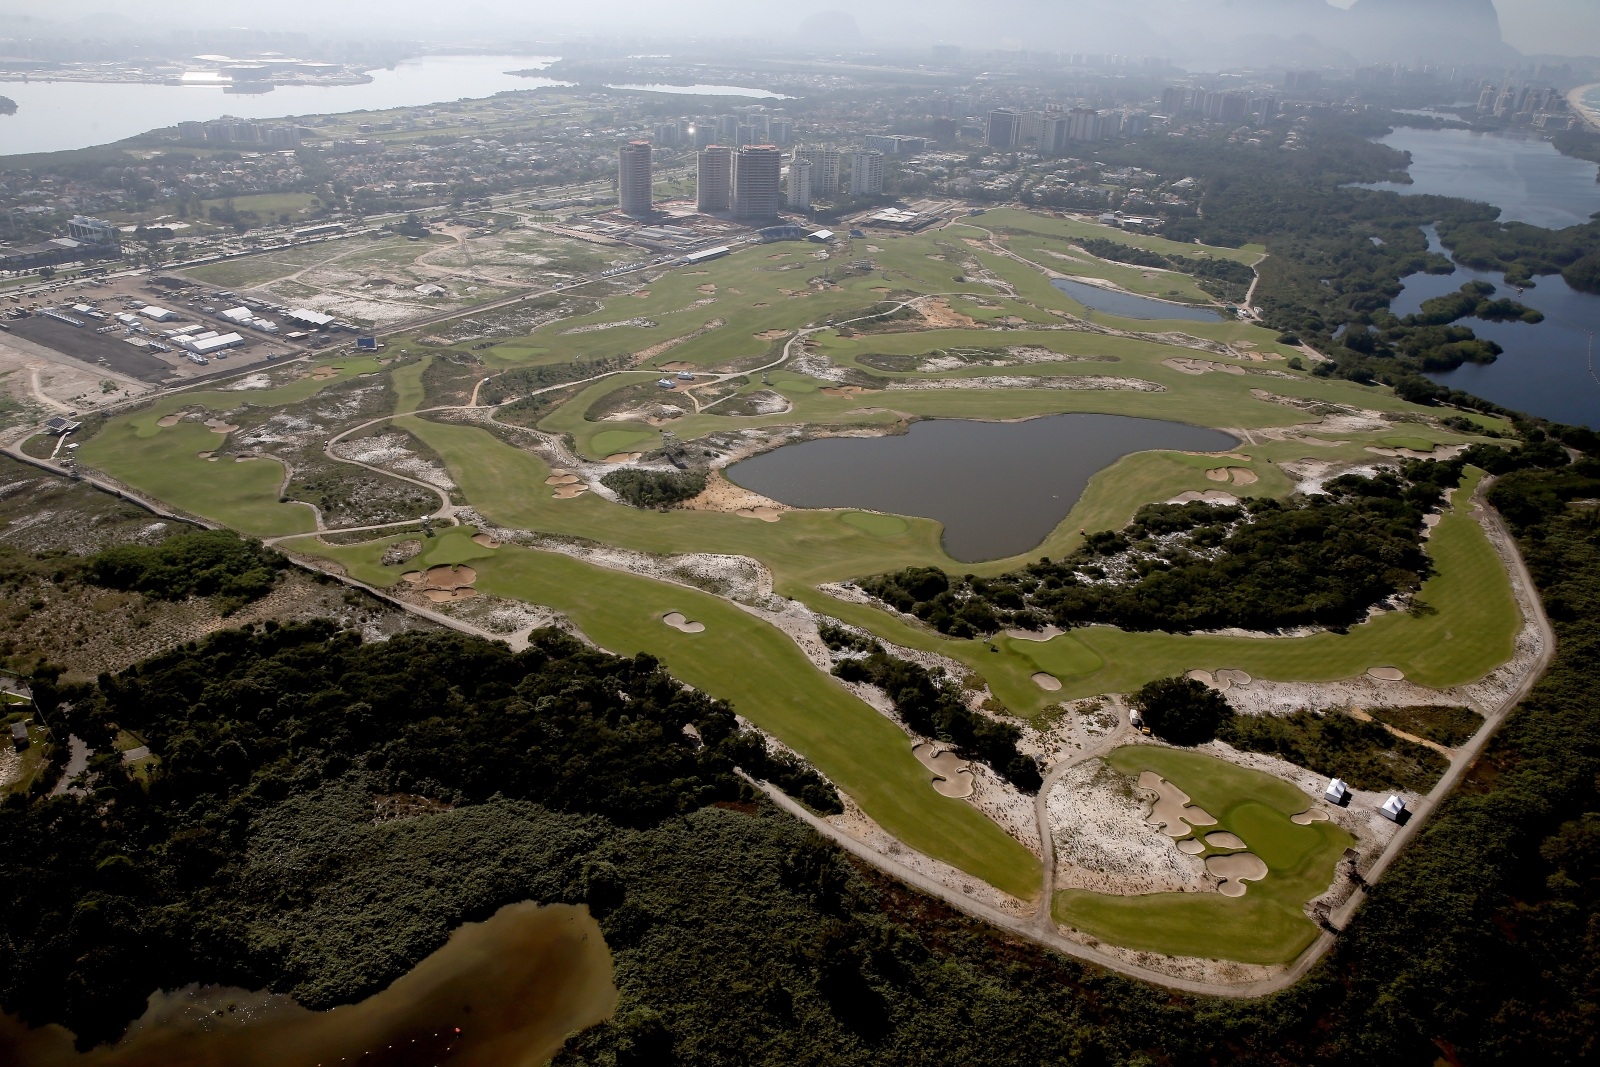 Rio 2016 golf course